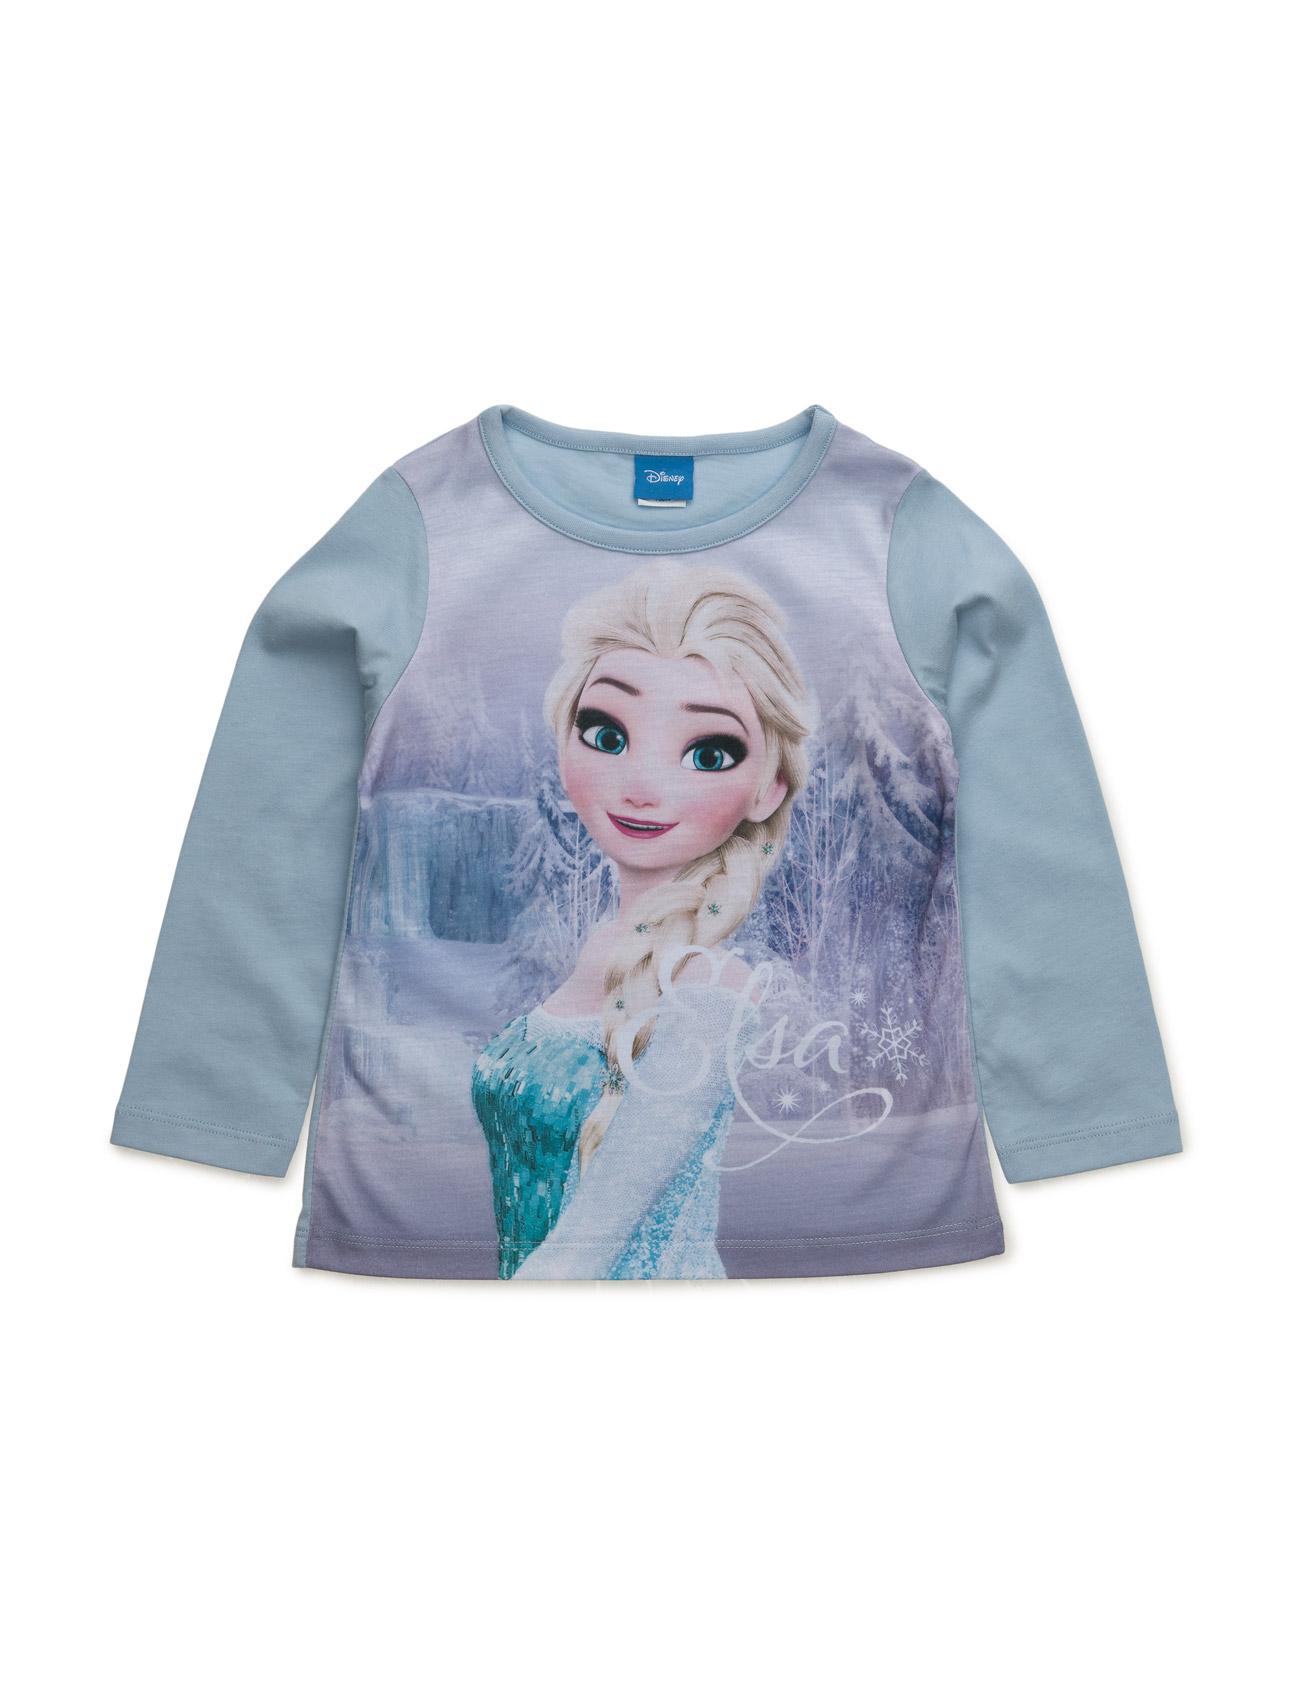 Shirt Disney Langærmede t-shirts til Børn i Blå